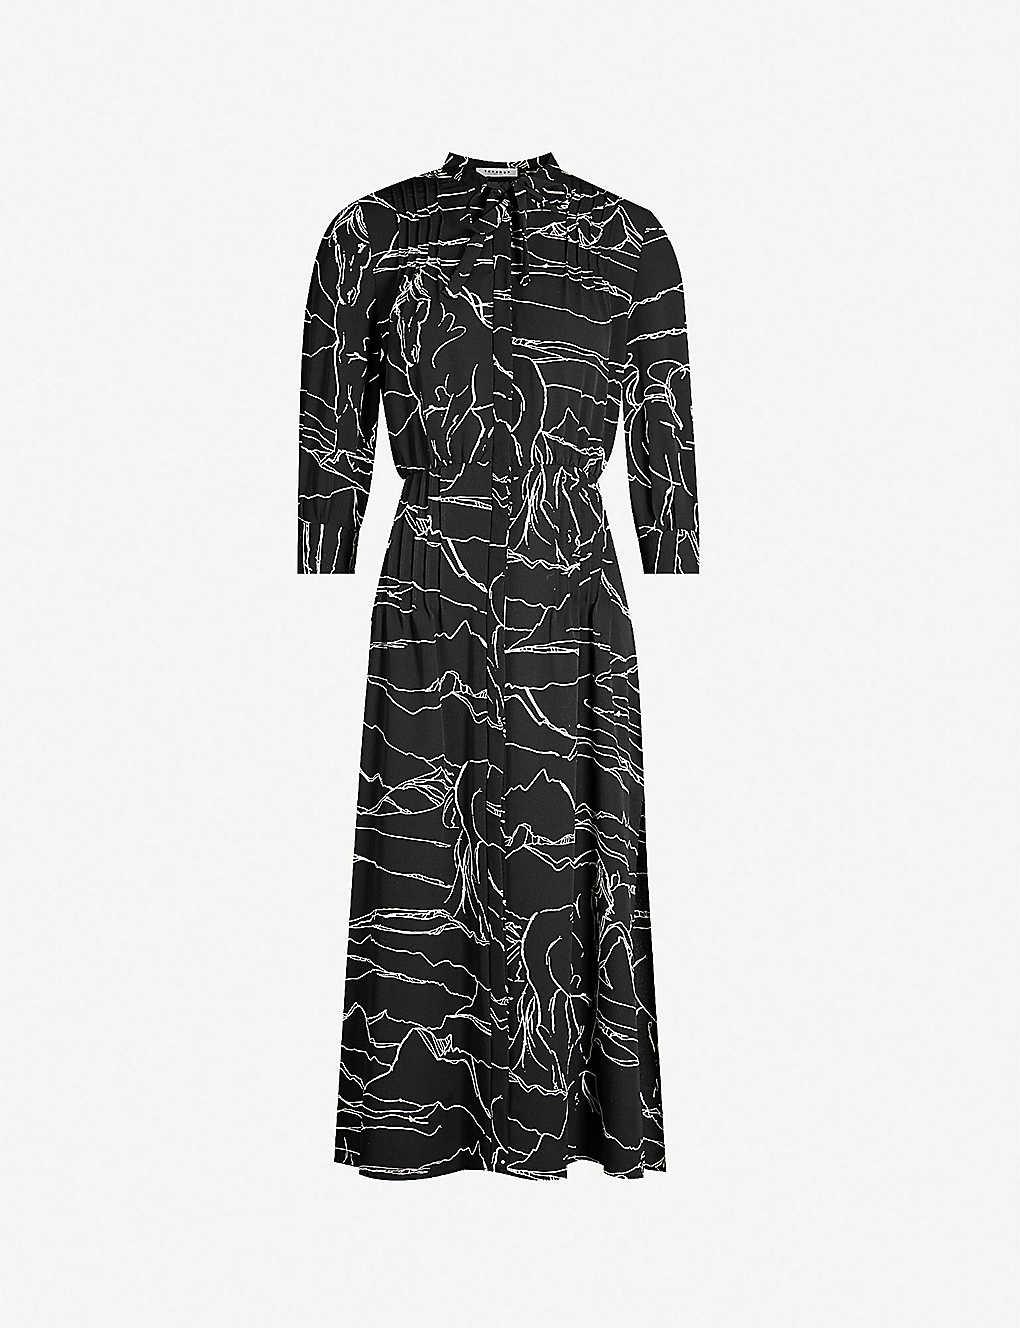 dd5762c1c48 Topshop Holiday Dresses - Gomes Weine AG